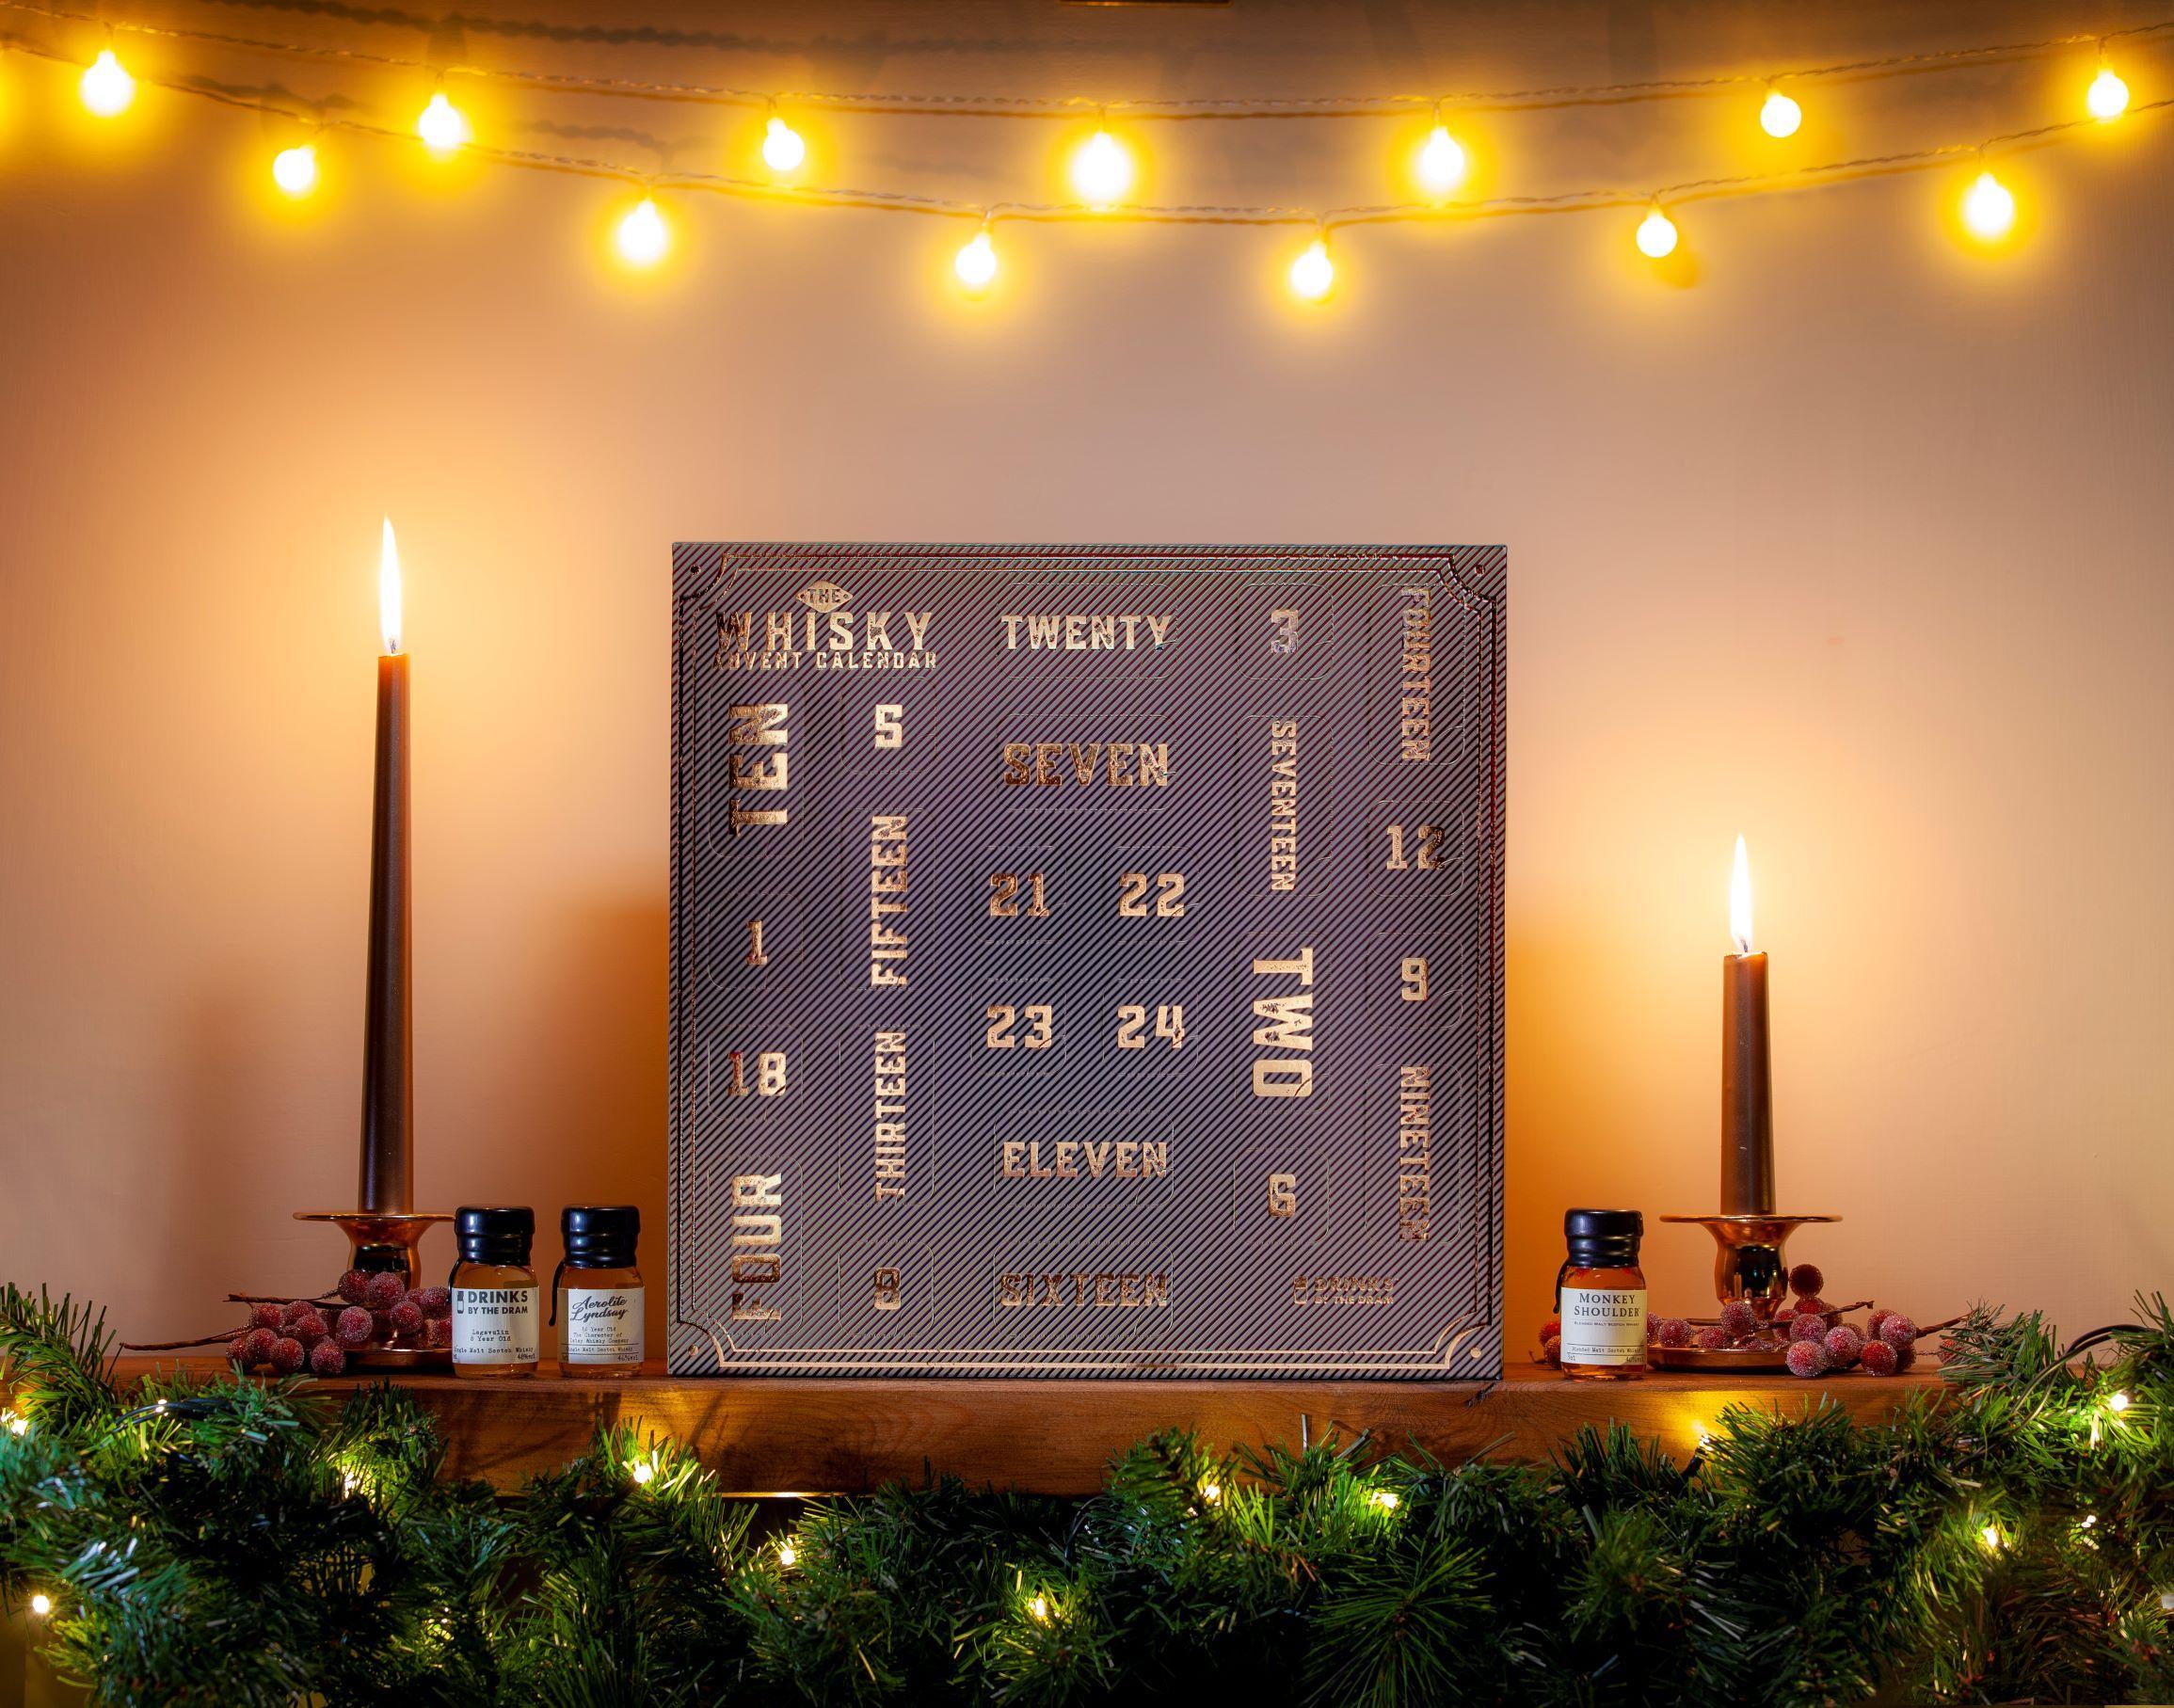 The Whisky Advent Calendar 2021